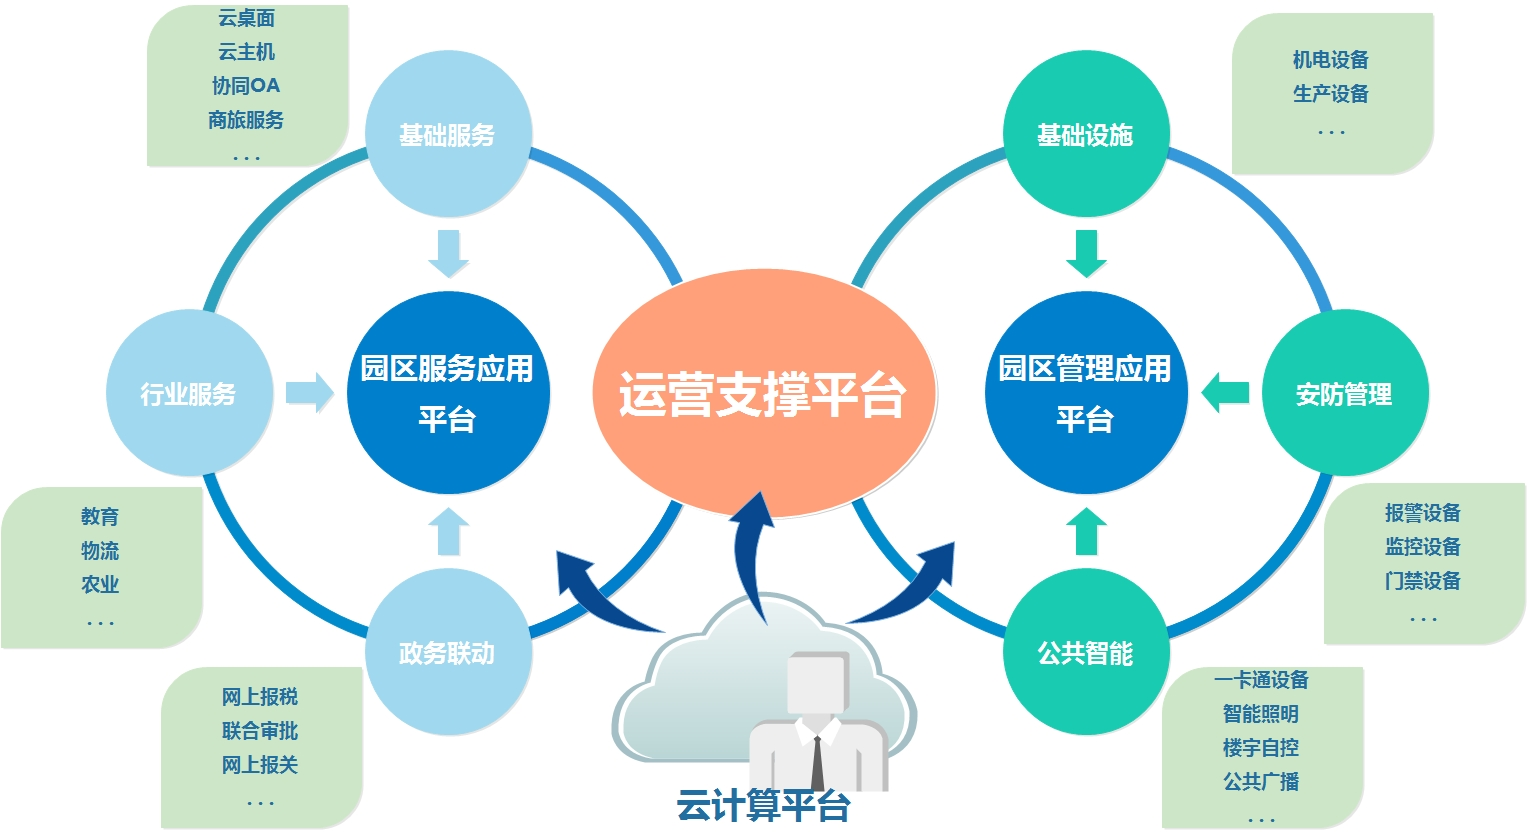 开发,经营,管理的一整套系统解决方案,注重管理理念与服务体系创新